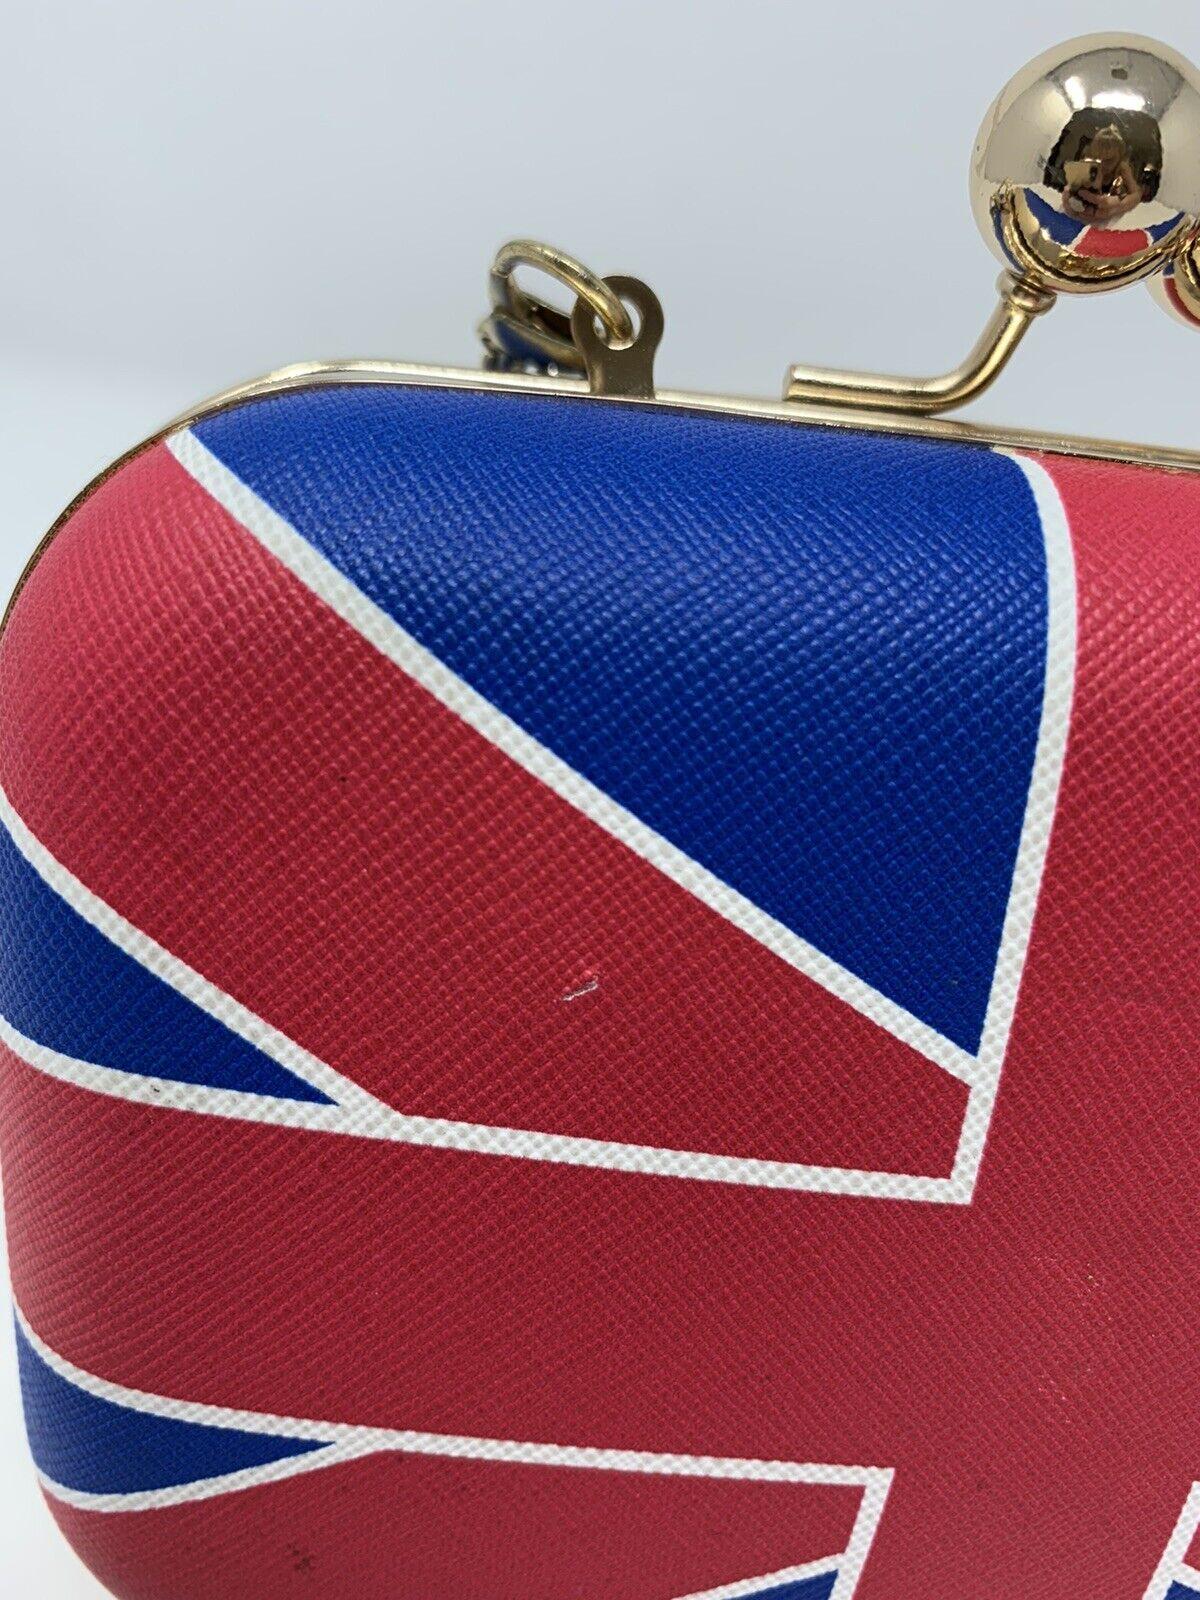 Shopkins BRITNEY Purse Union Jack Shoulder Bag wi… - image 7